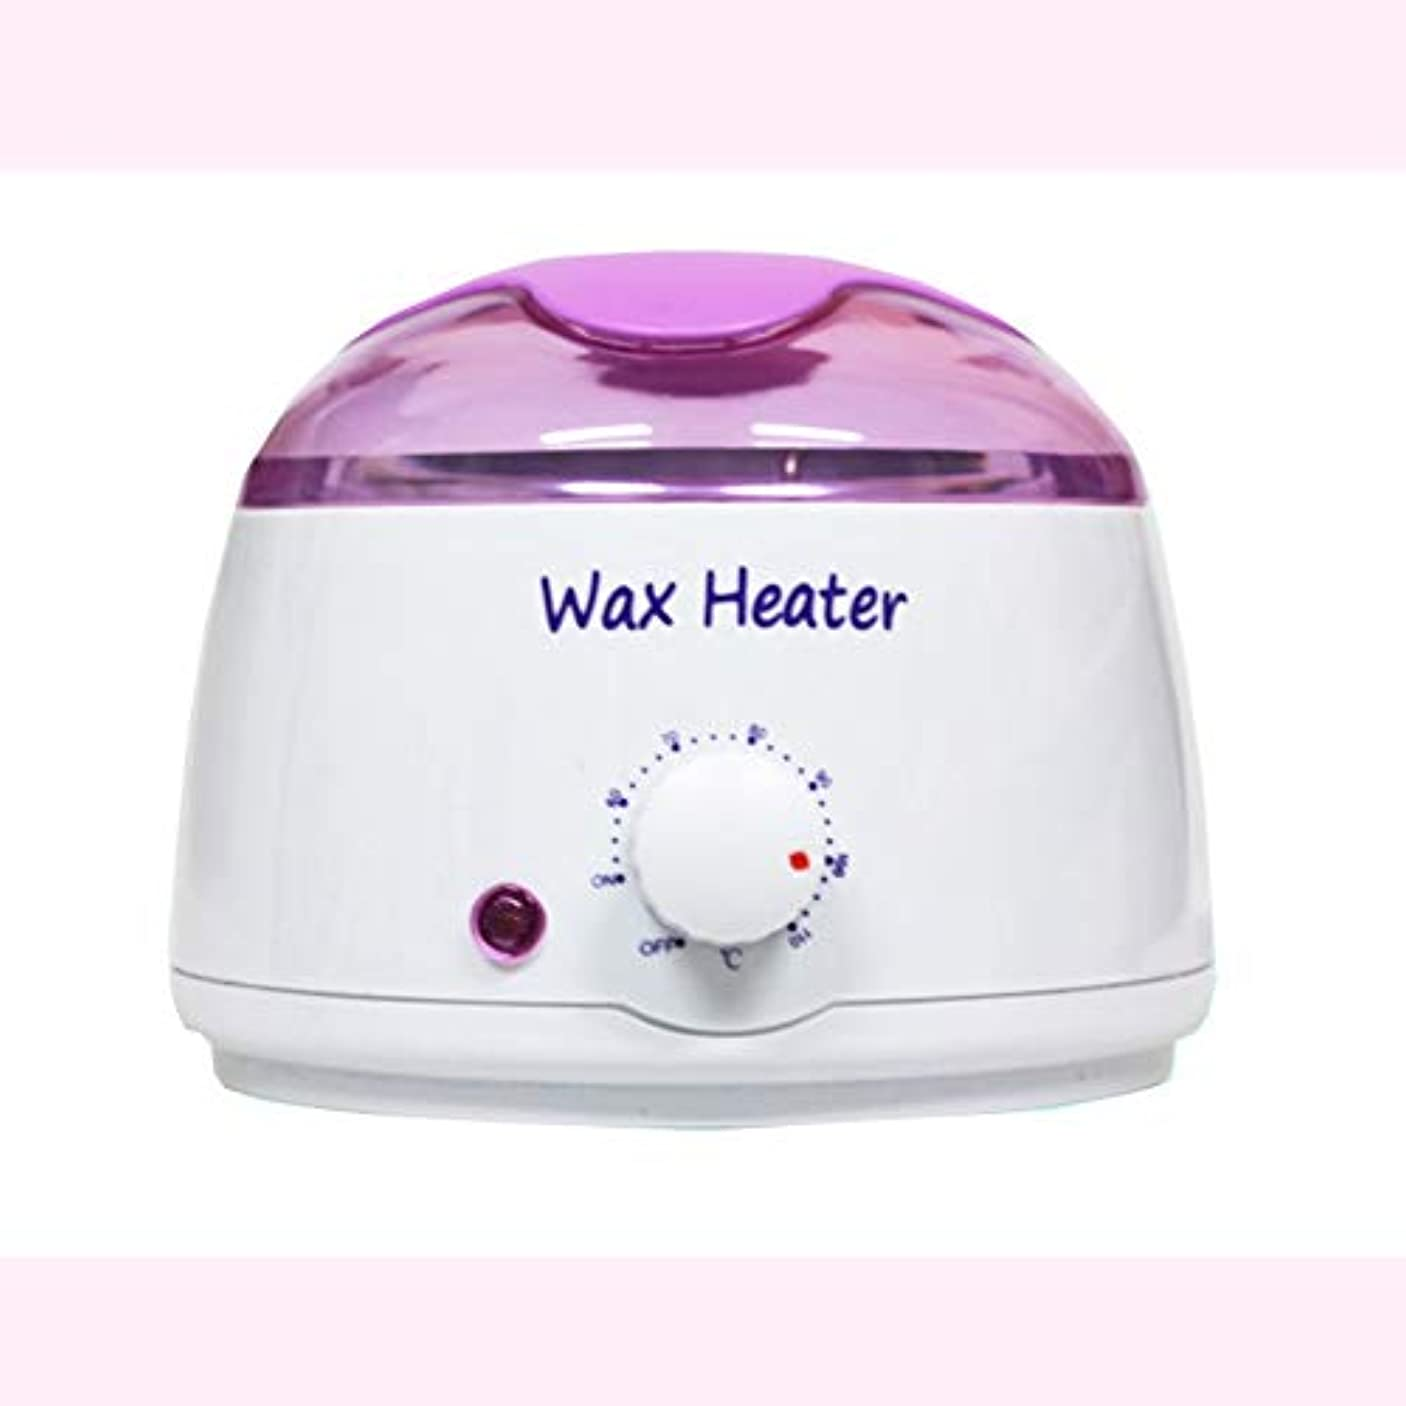 コース中傷忠誠専門の電気ワックスのウォーマーおよびヒーター、女性/人のための毛の取り外しの家のワックスのためのワックスのメルターは小型多機能のワックス機械を熱します